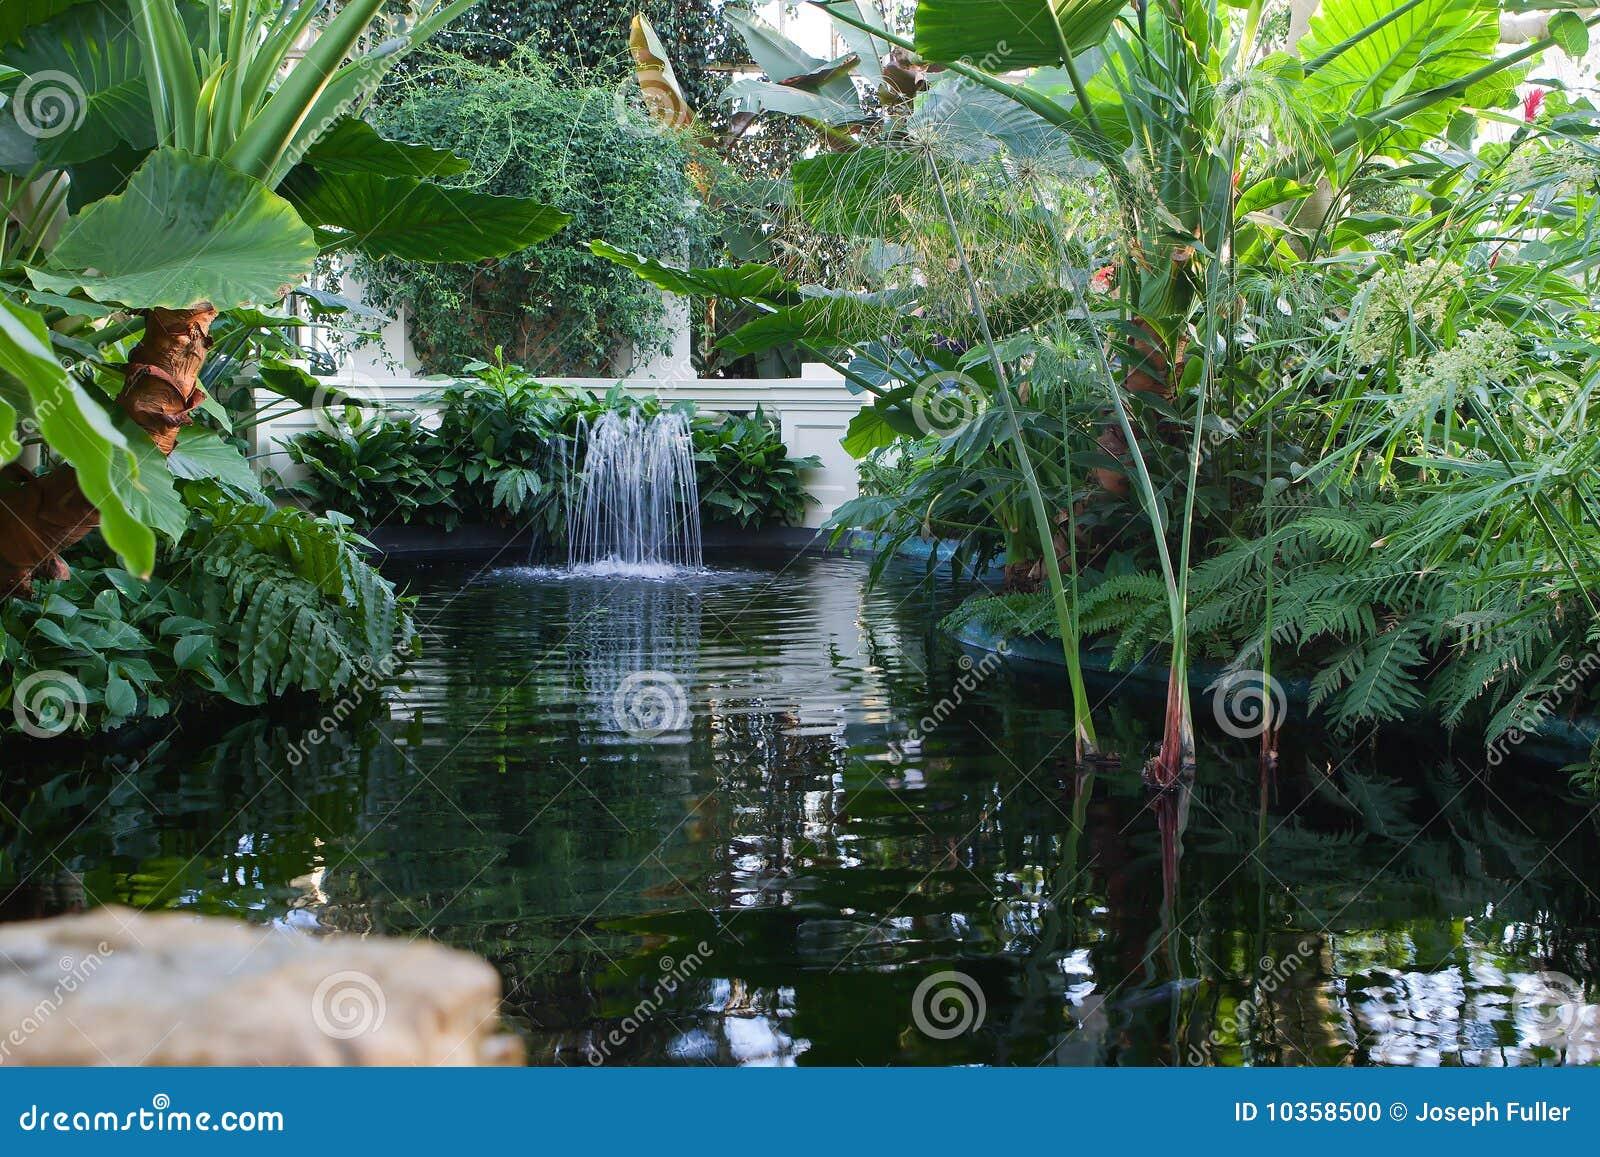 Fuente de agua de interior foto de archivo imagen 10358500 - Fuentes de agua interior ...